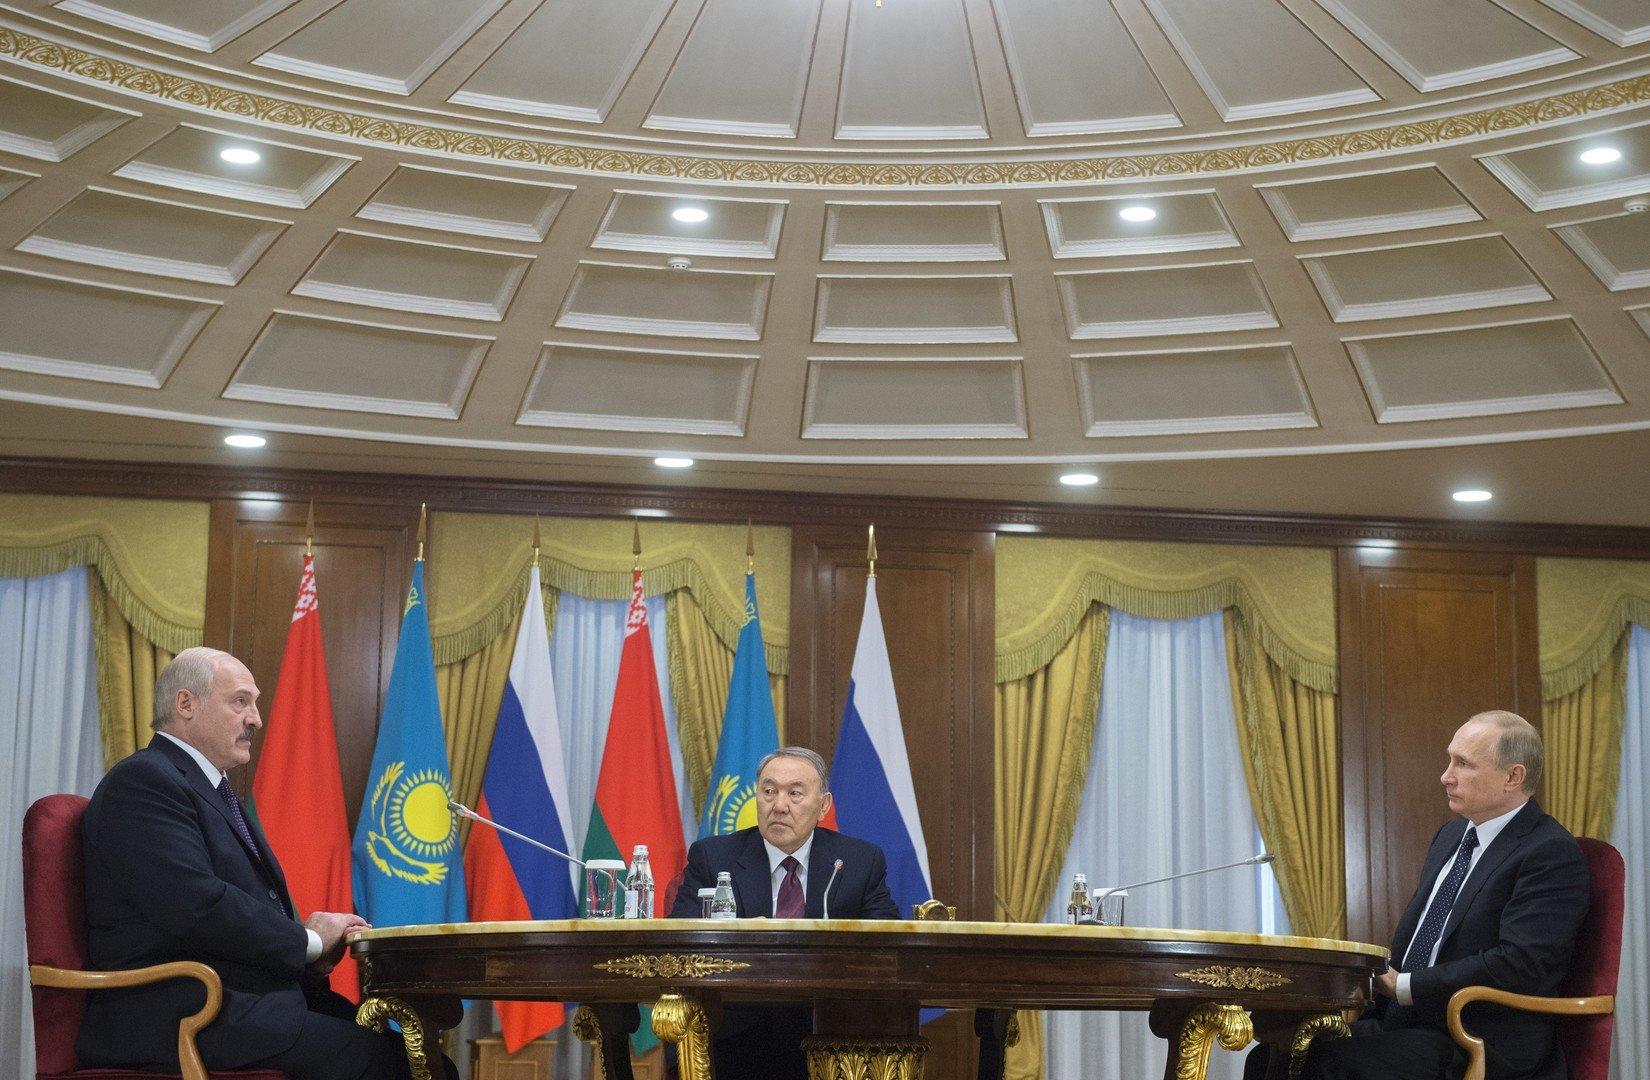 Les présidents russe, biélorusse et kazakh à la table des négociations